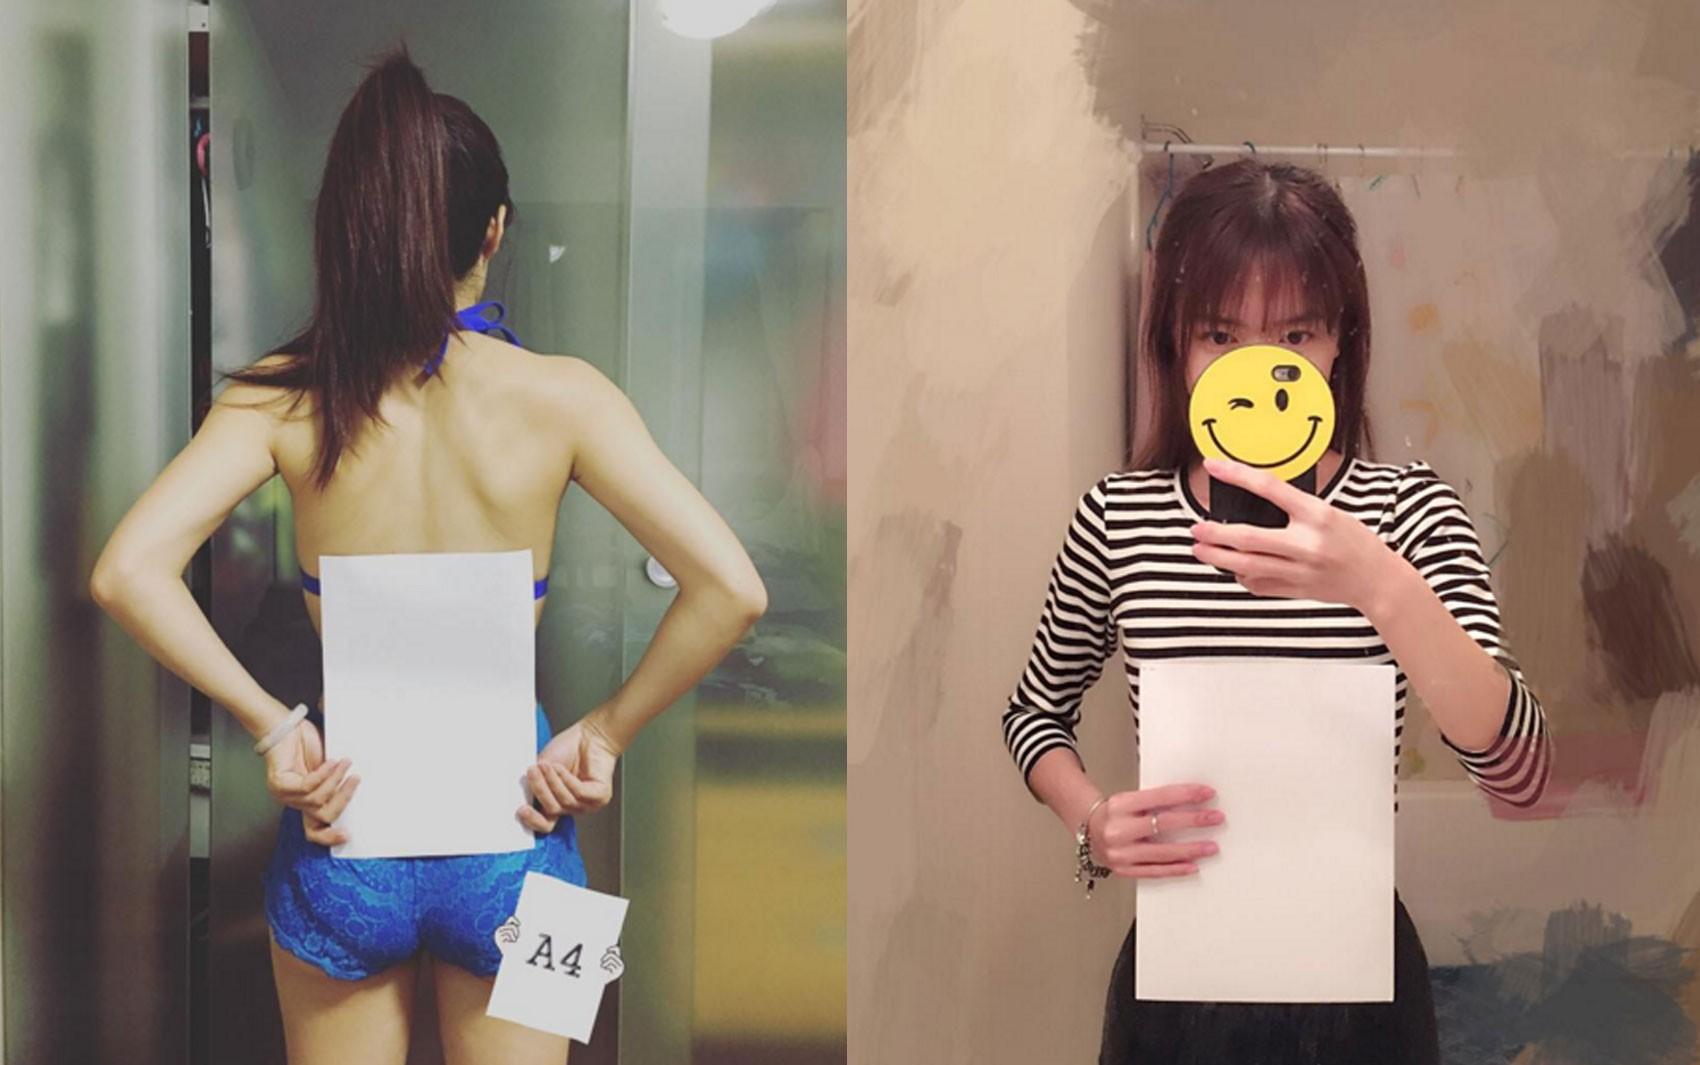 Chinesas postam fotos do 'Deasfio da cintura A4' (Foto: Reprodução/Instagram/vicki_yuxuan/babeelinn)